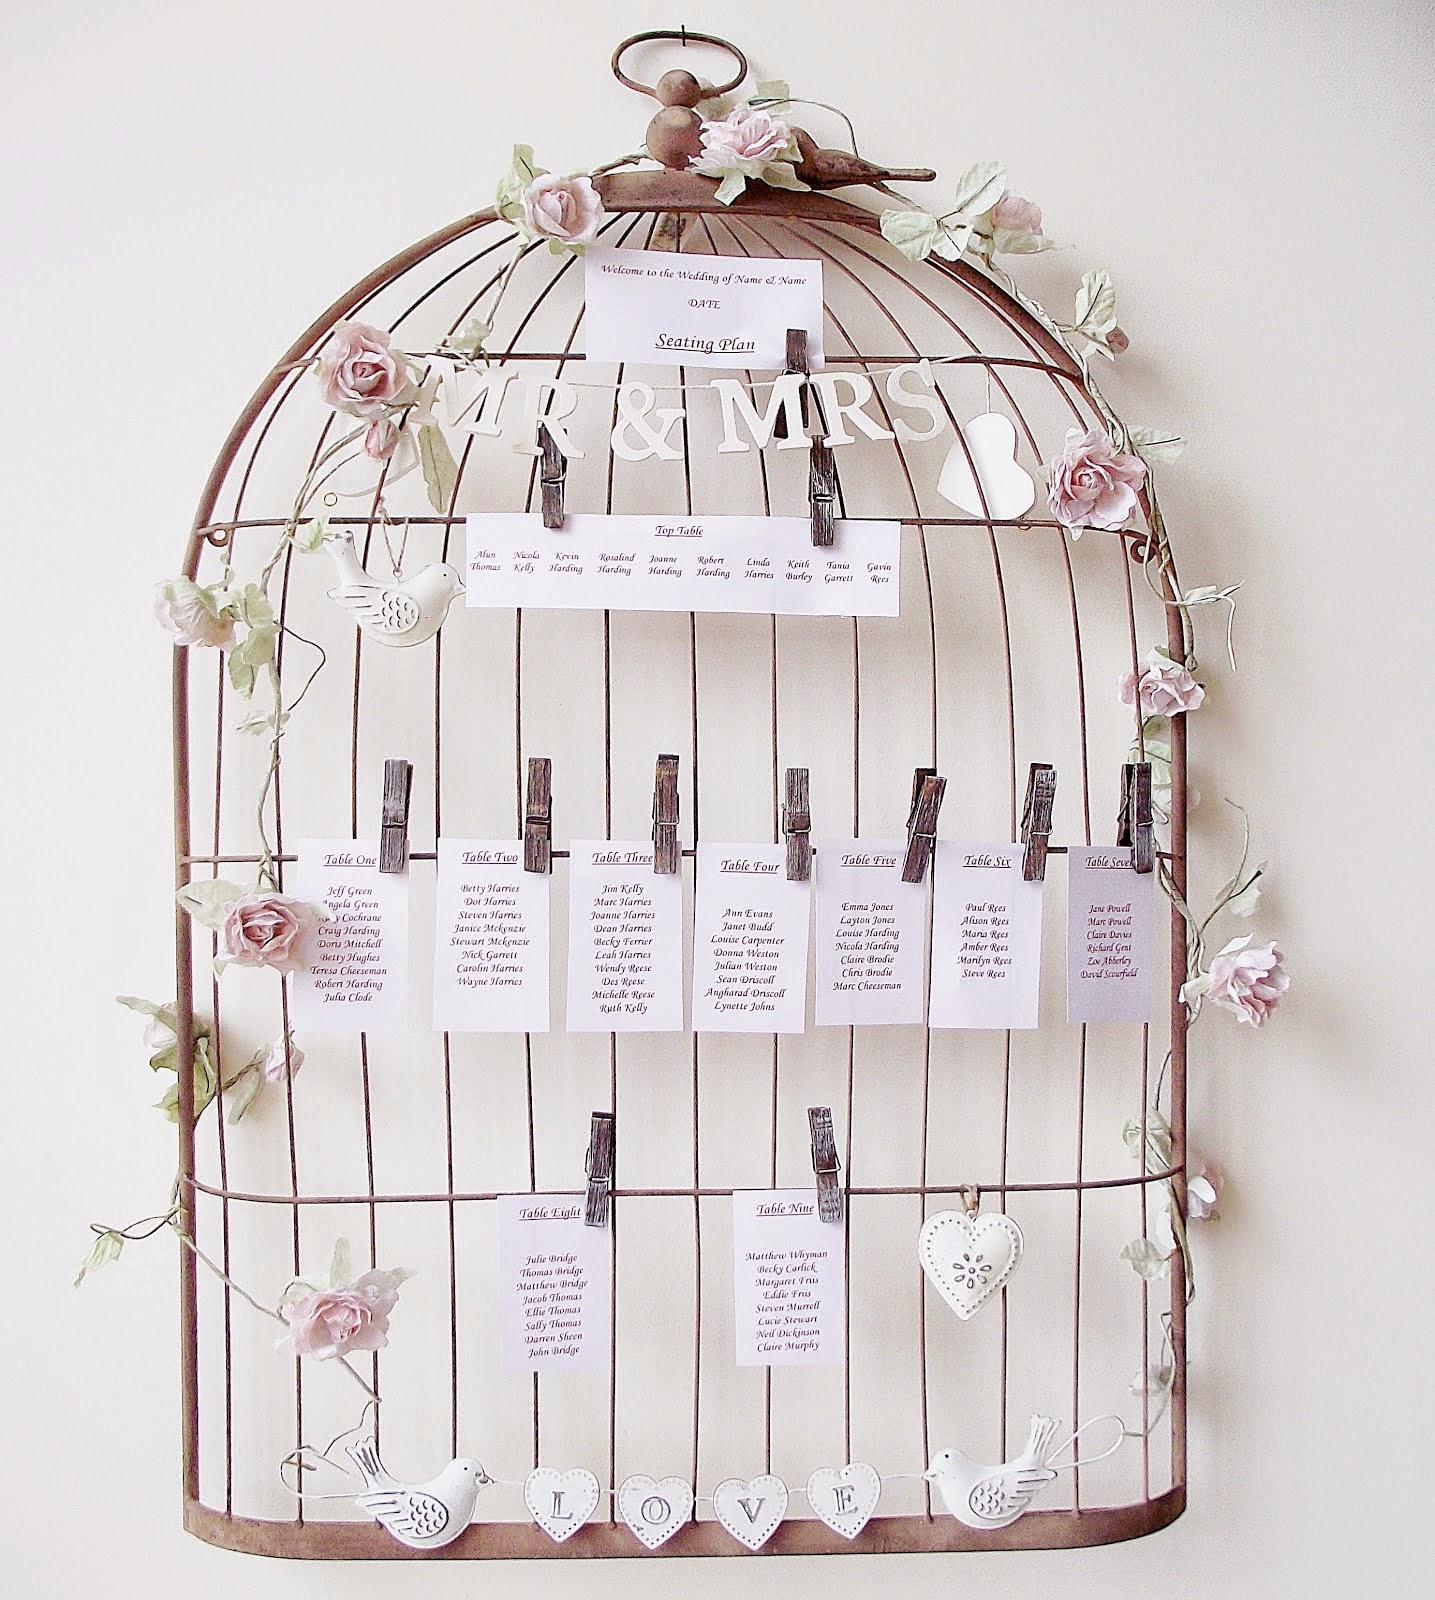 Ma d co passe table inspiration cages oiseau - Petite cage oiseau deco ...